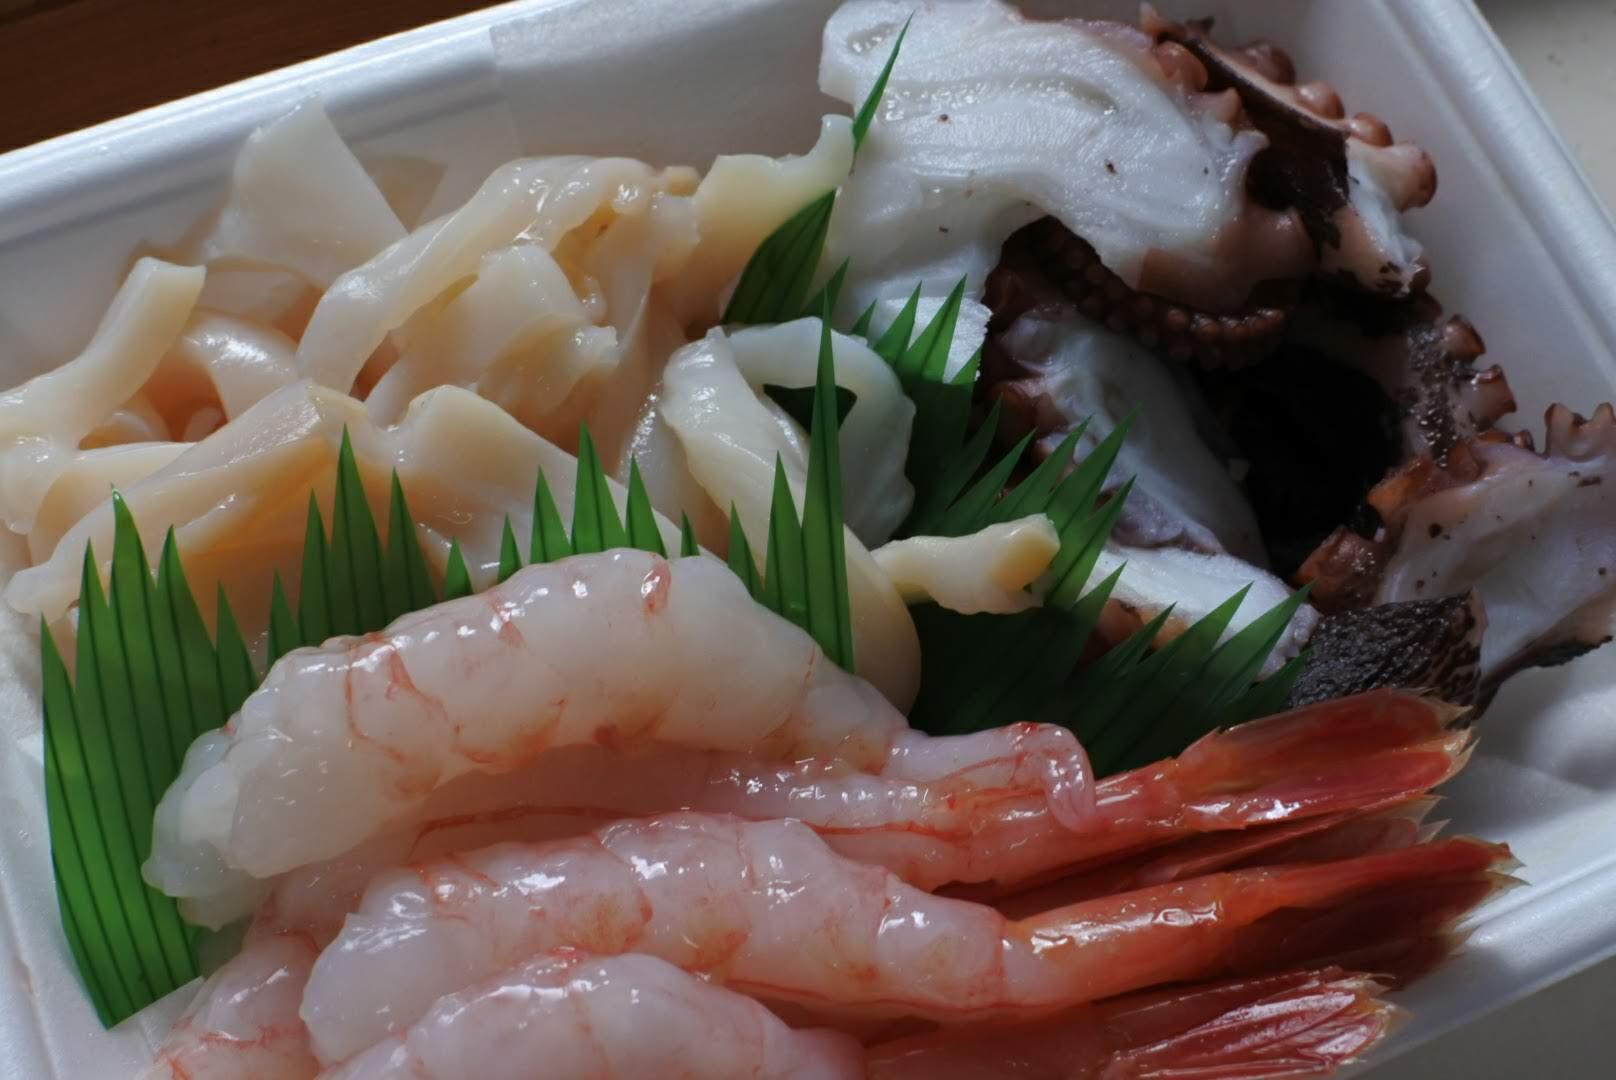 鮮魚宅配サービス 刺身三種盛り